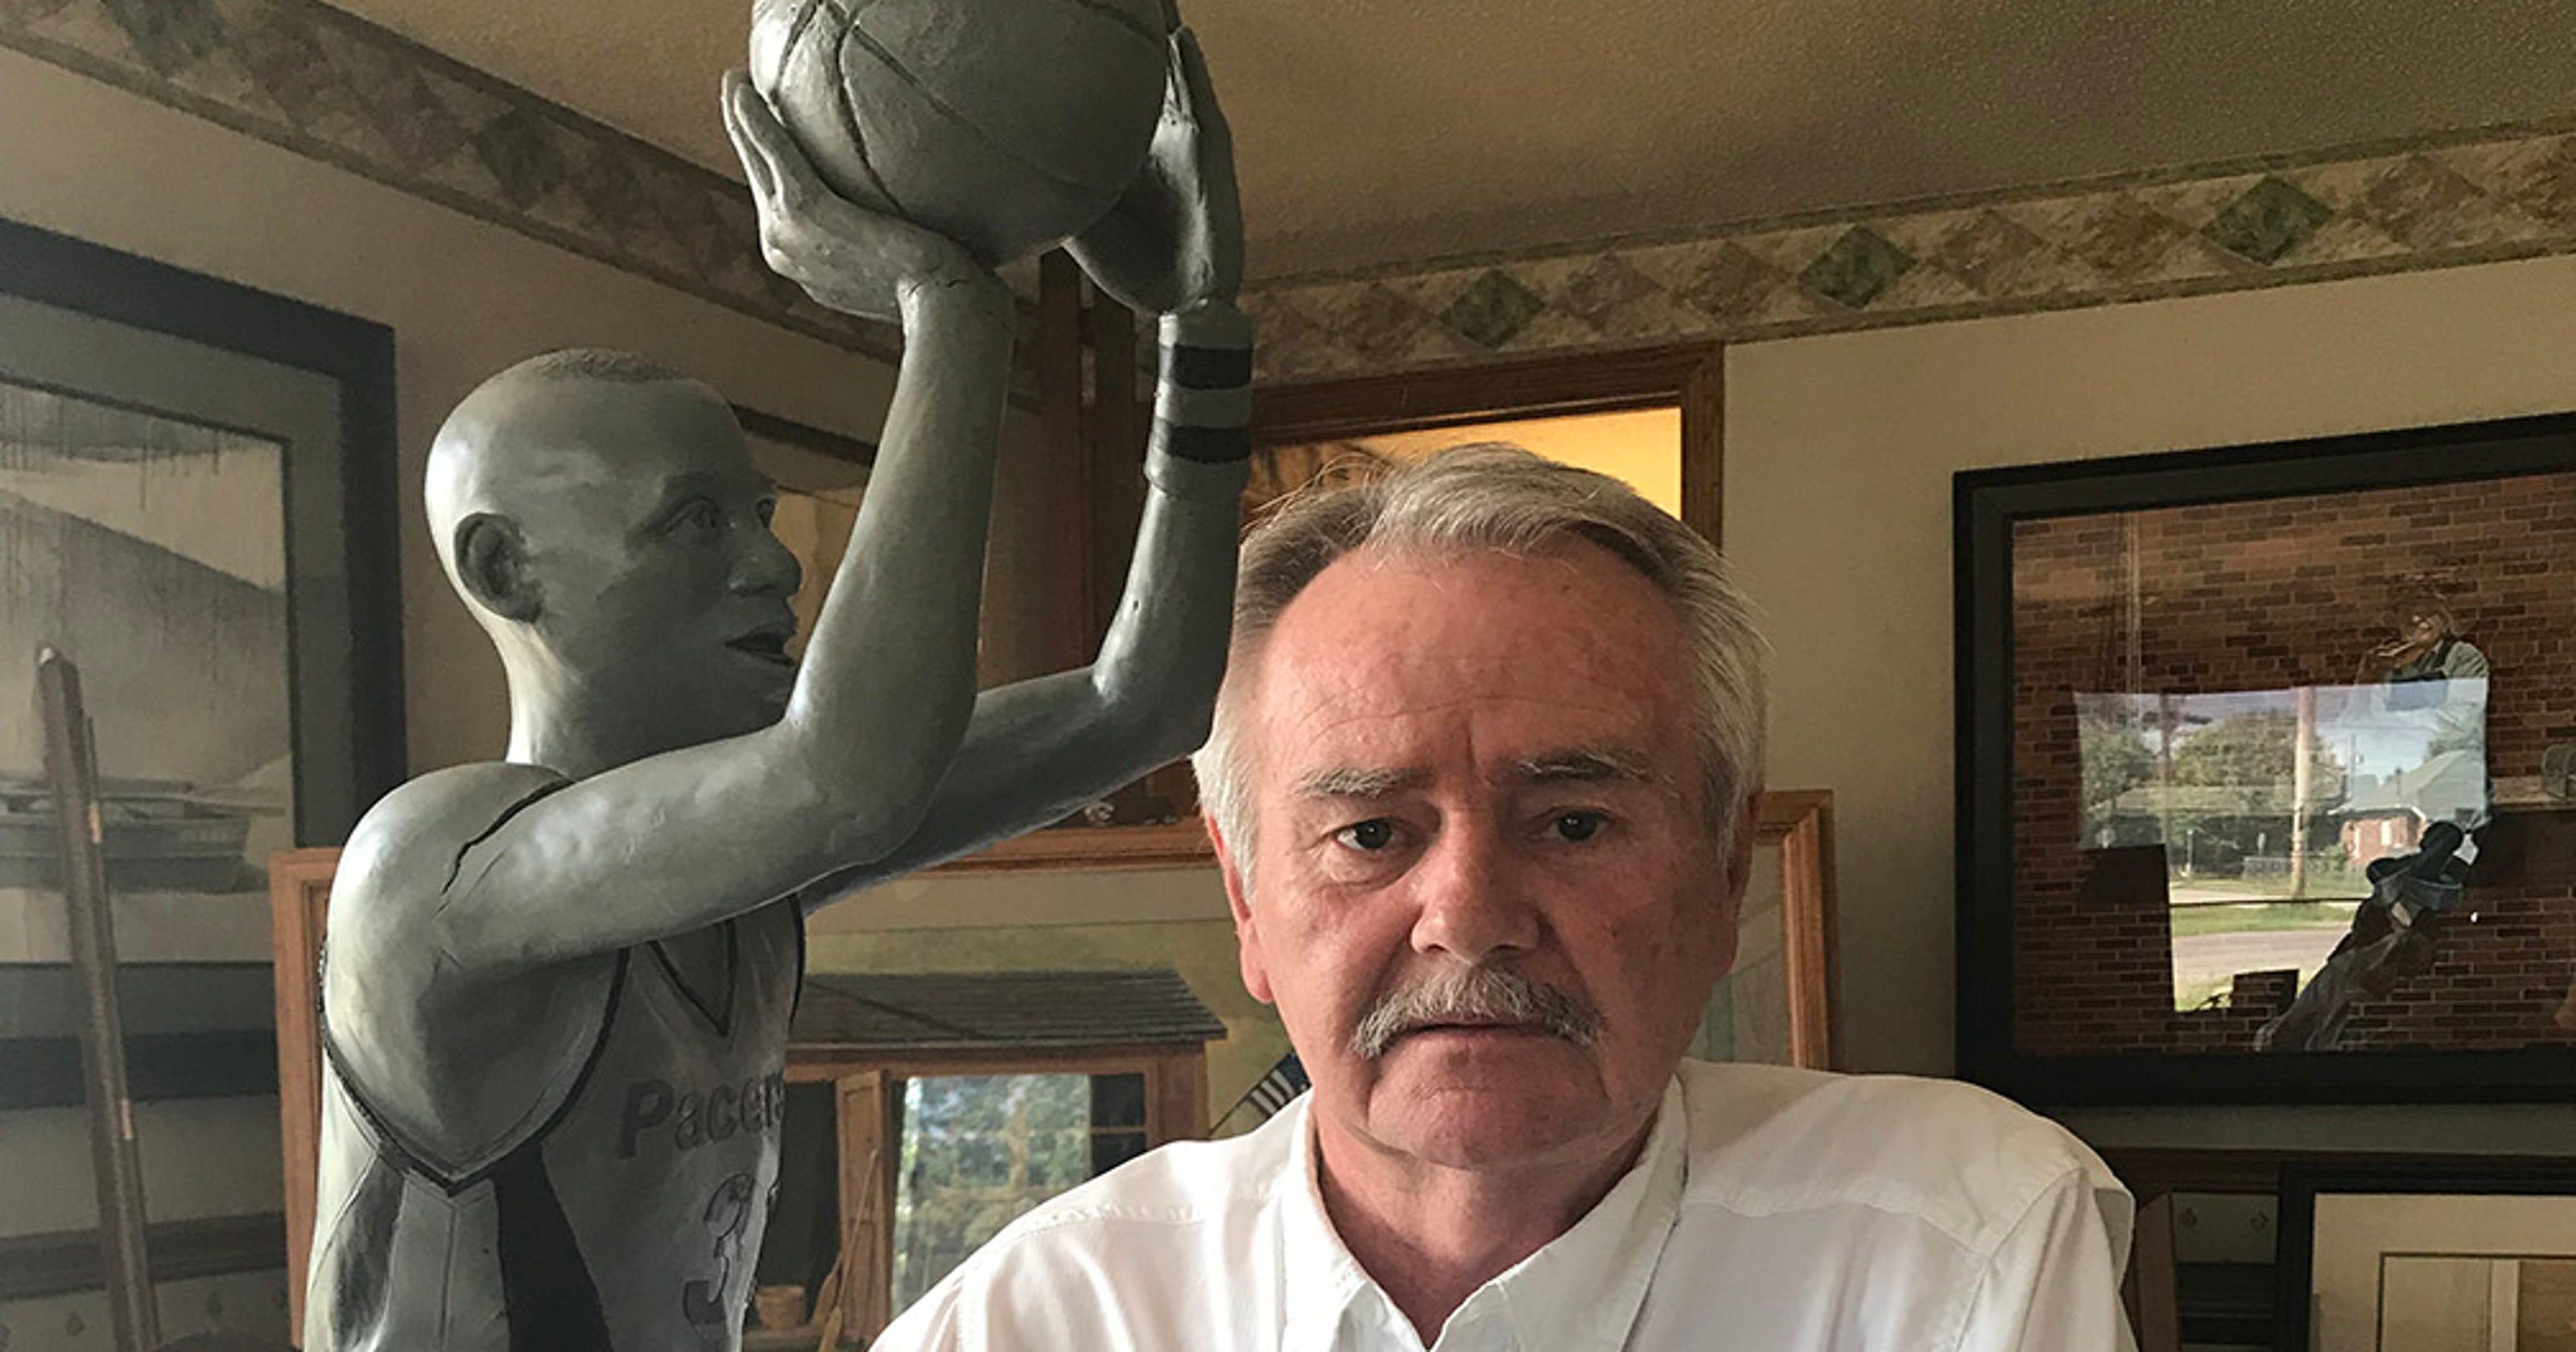 Pacers great Reggie Miller inspires sculpture decaying in Terre Haute